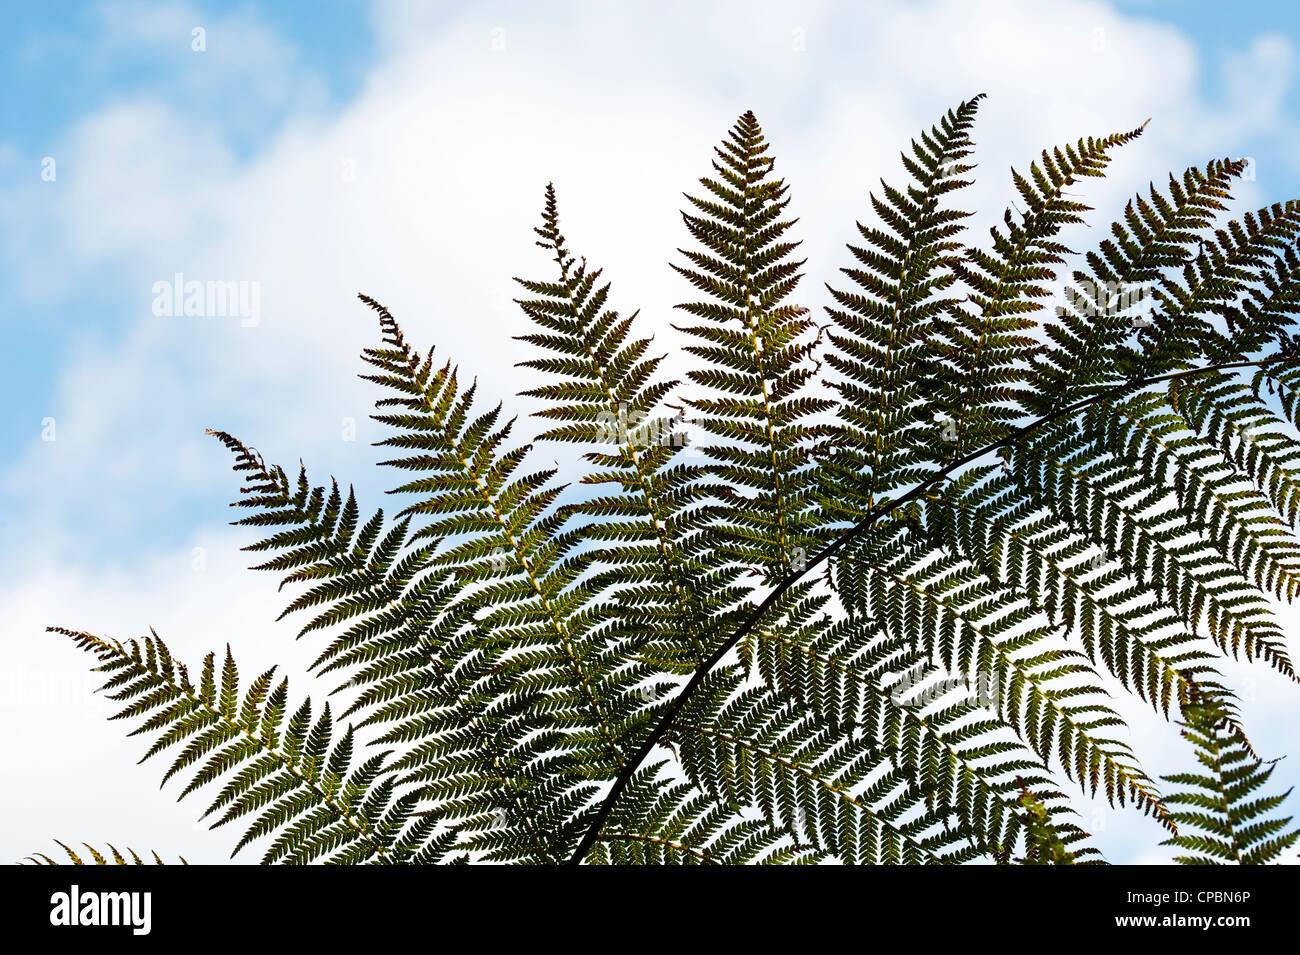 Baumfarn Wedel Muster gegen blauen Himmel Stockbild